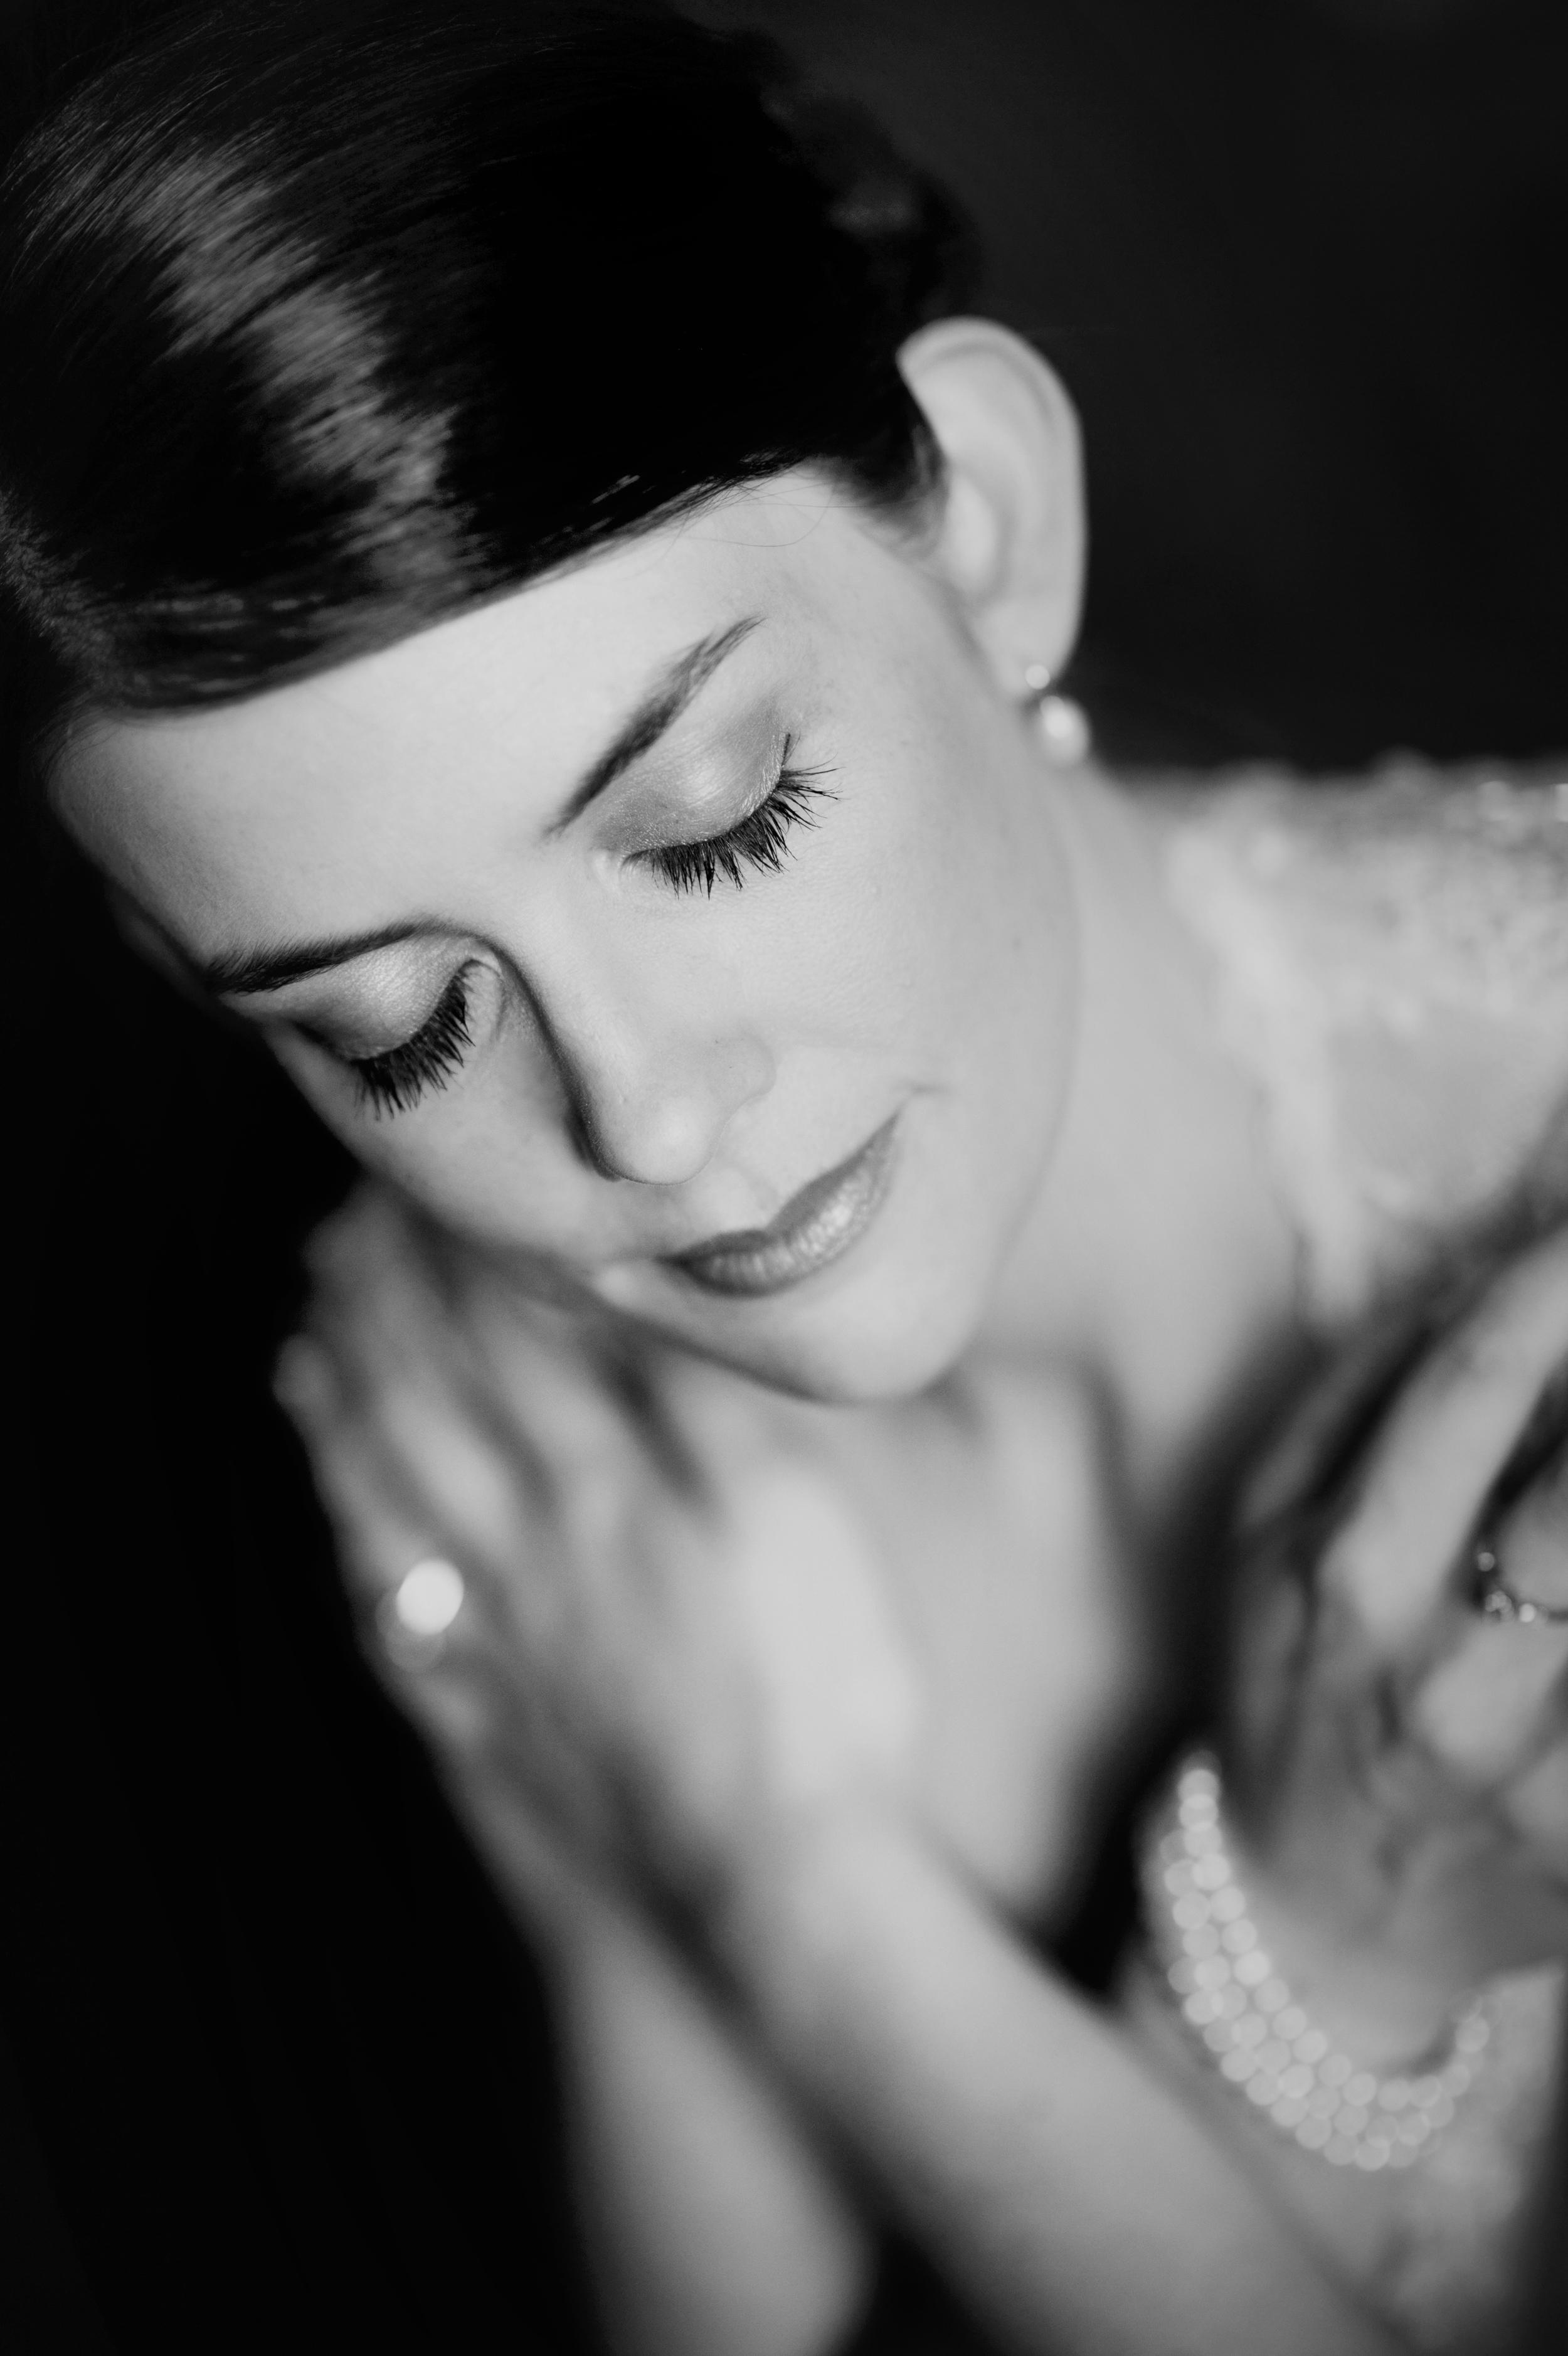 euroa_butter_factory_wedding_photography_08.jpg